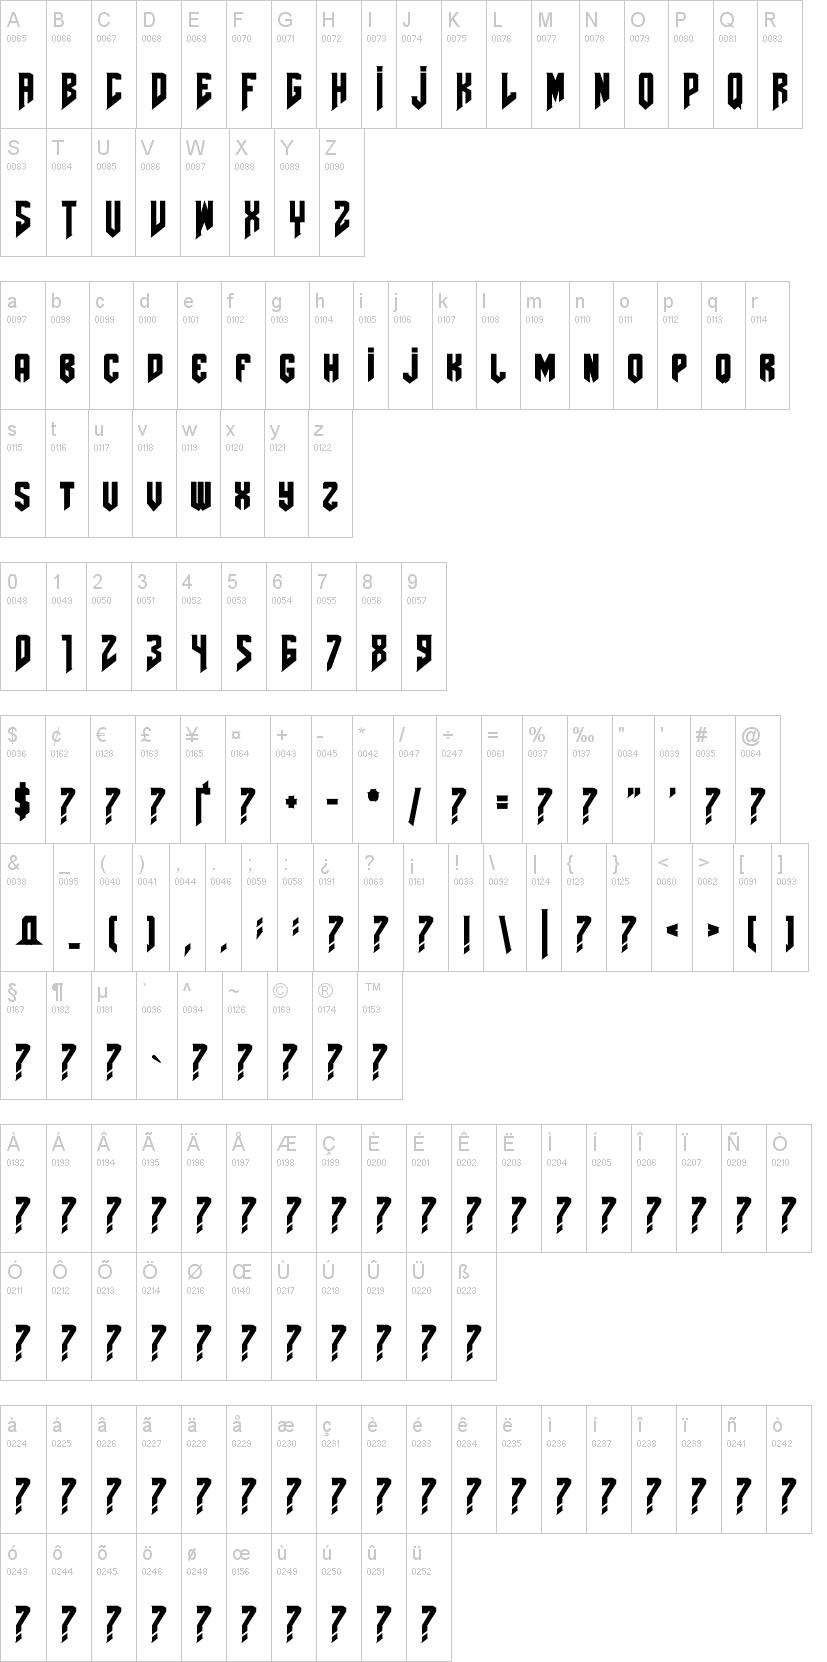 abecedario de letras graffitis